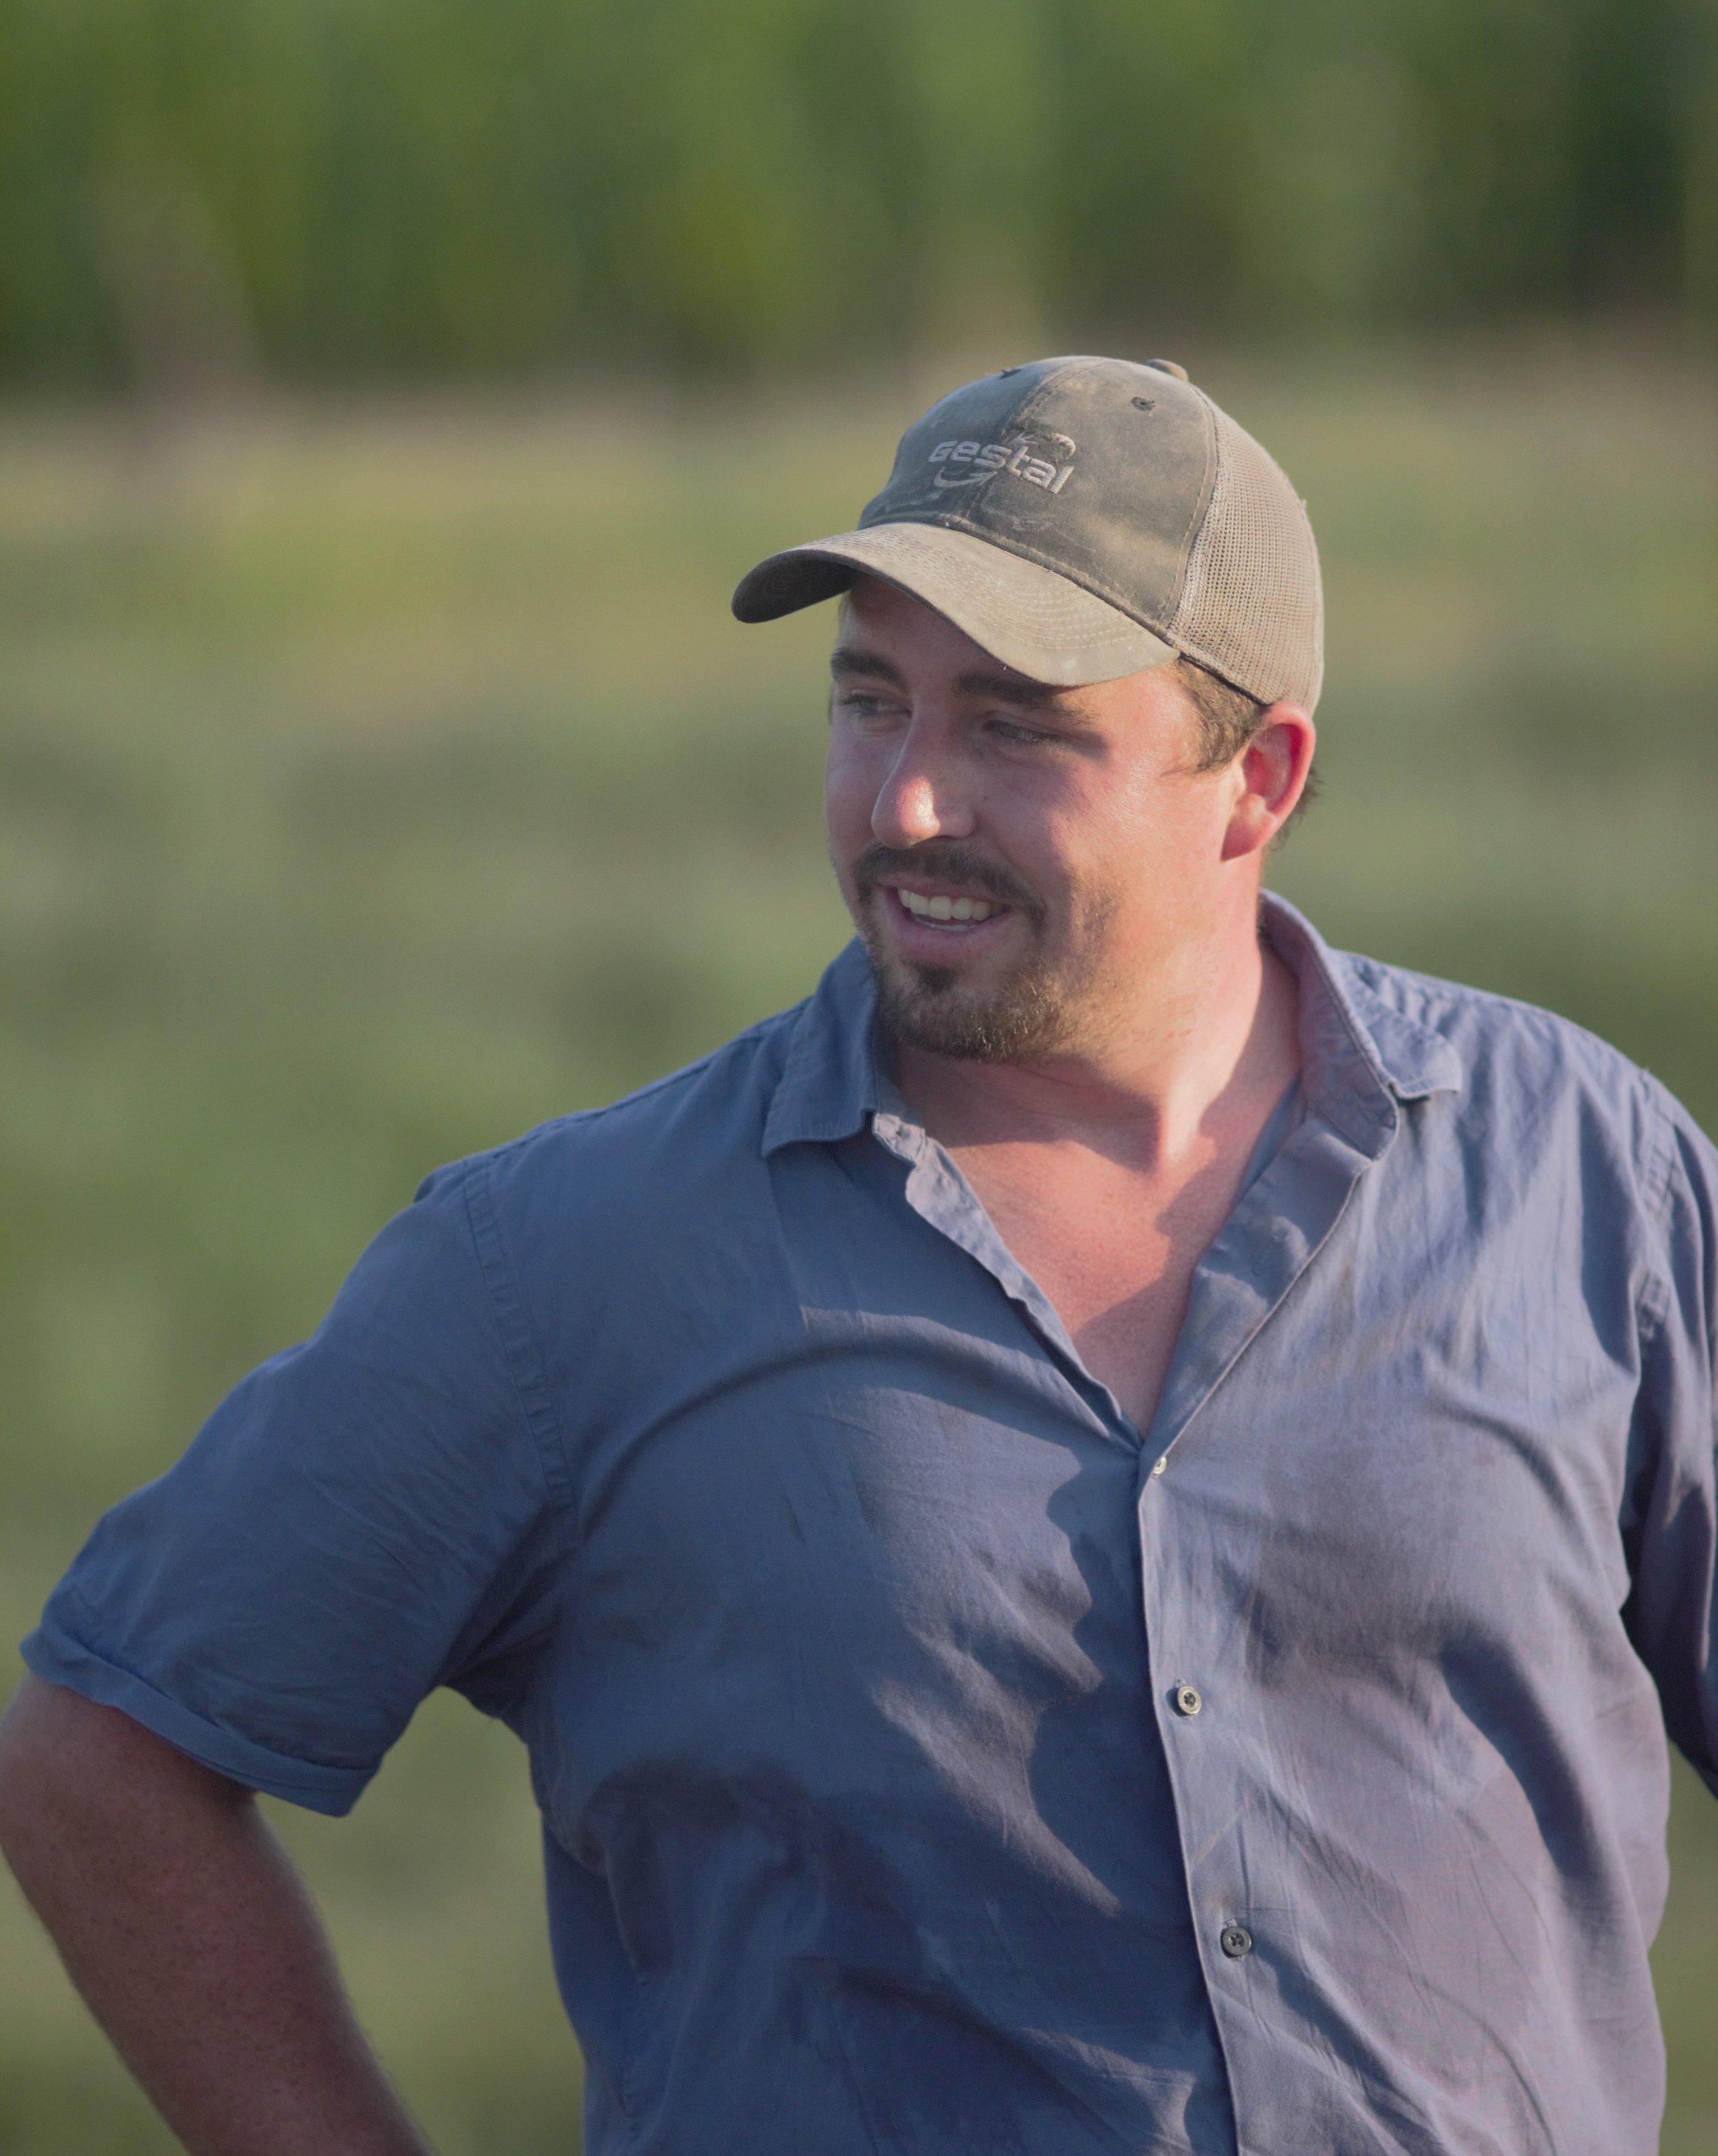 Kaden Roush, owner and pig farmer of R Family Farms